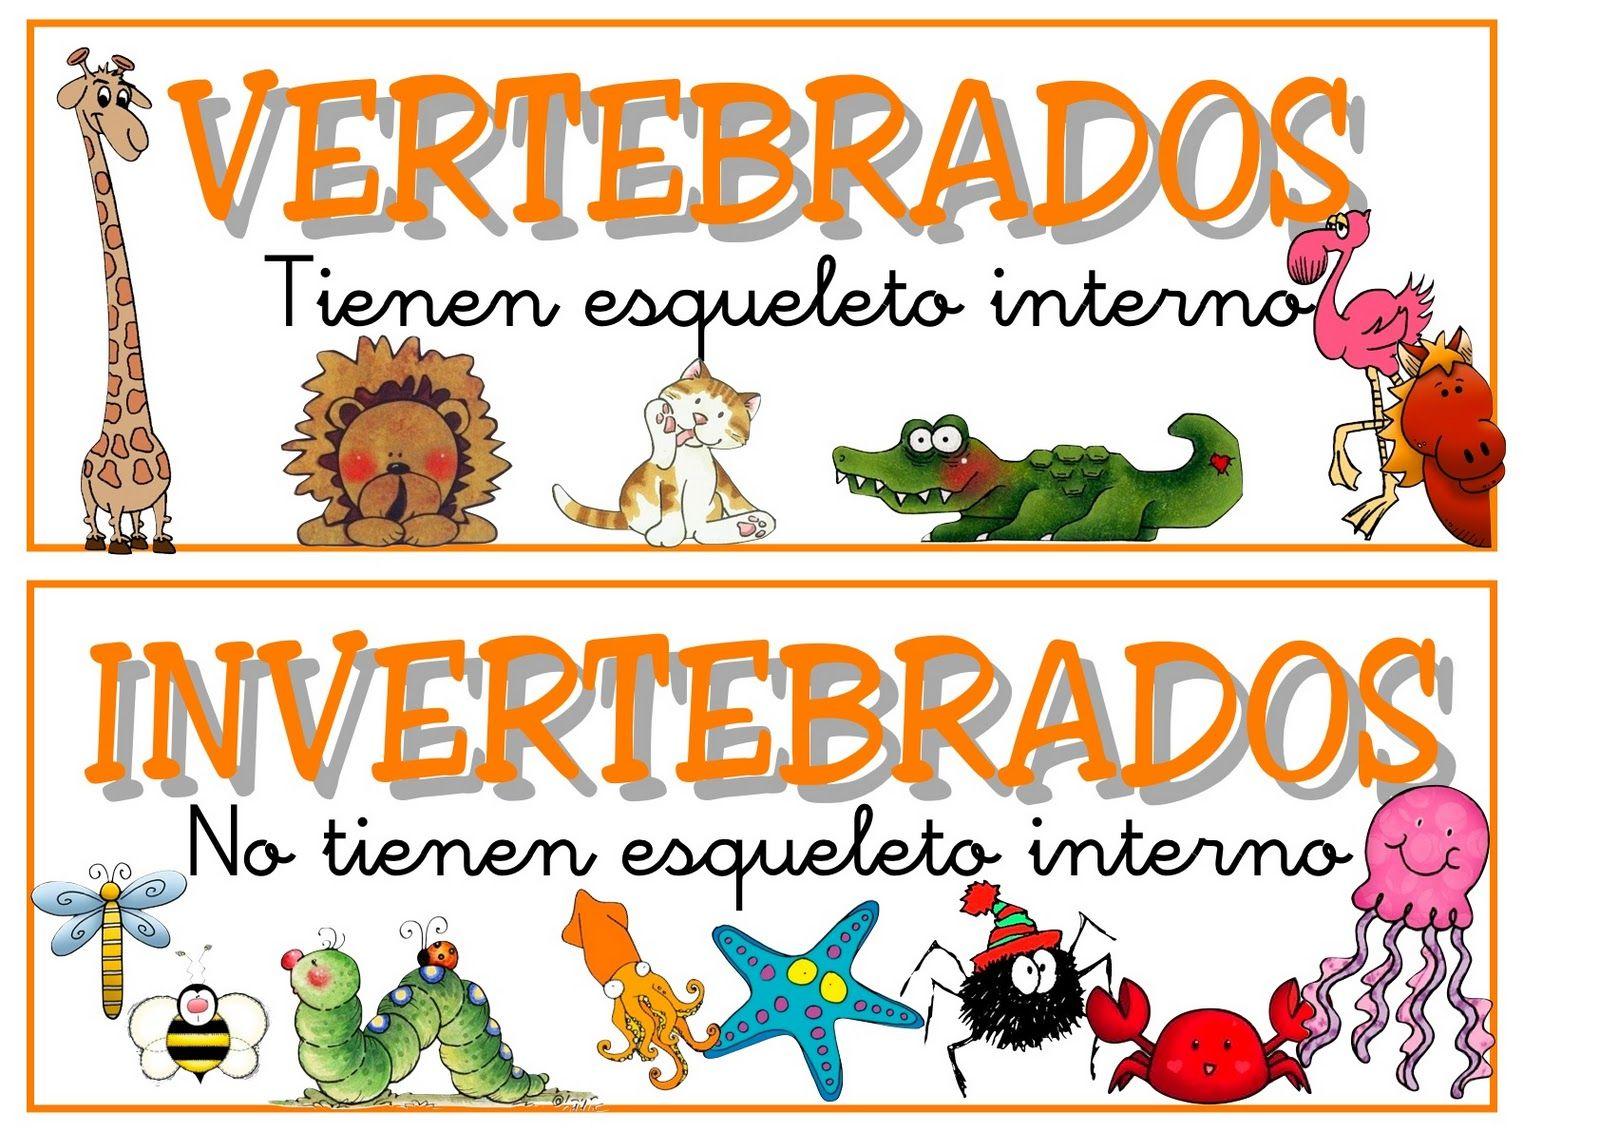 Animales Vertebrados E Invertebrados Para Colorear E Imprimir Imagui Animal Planet Animals Childrens Sheets